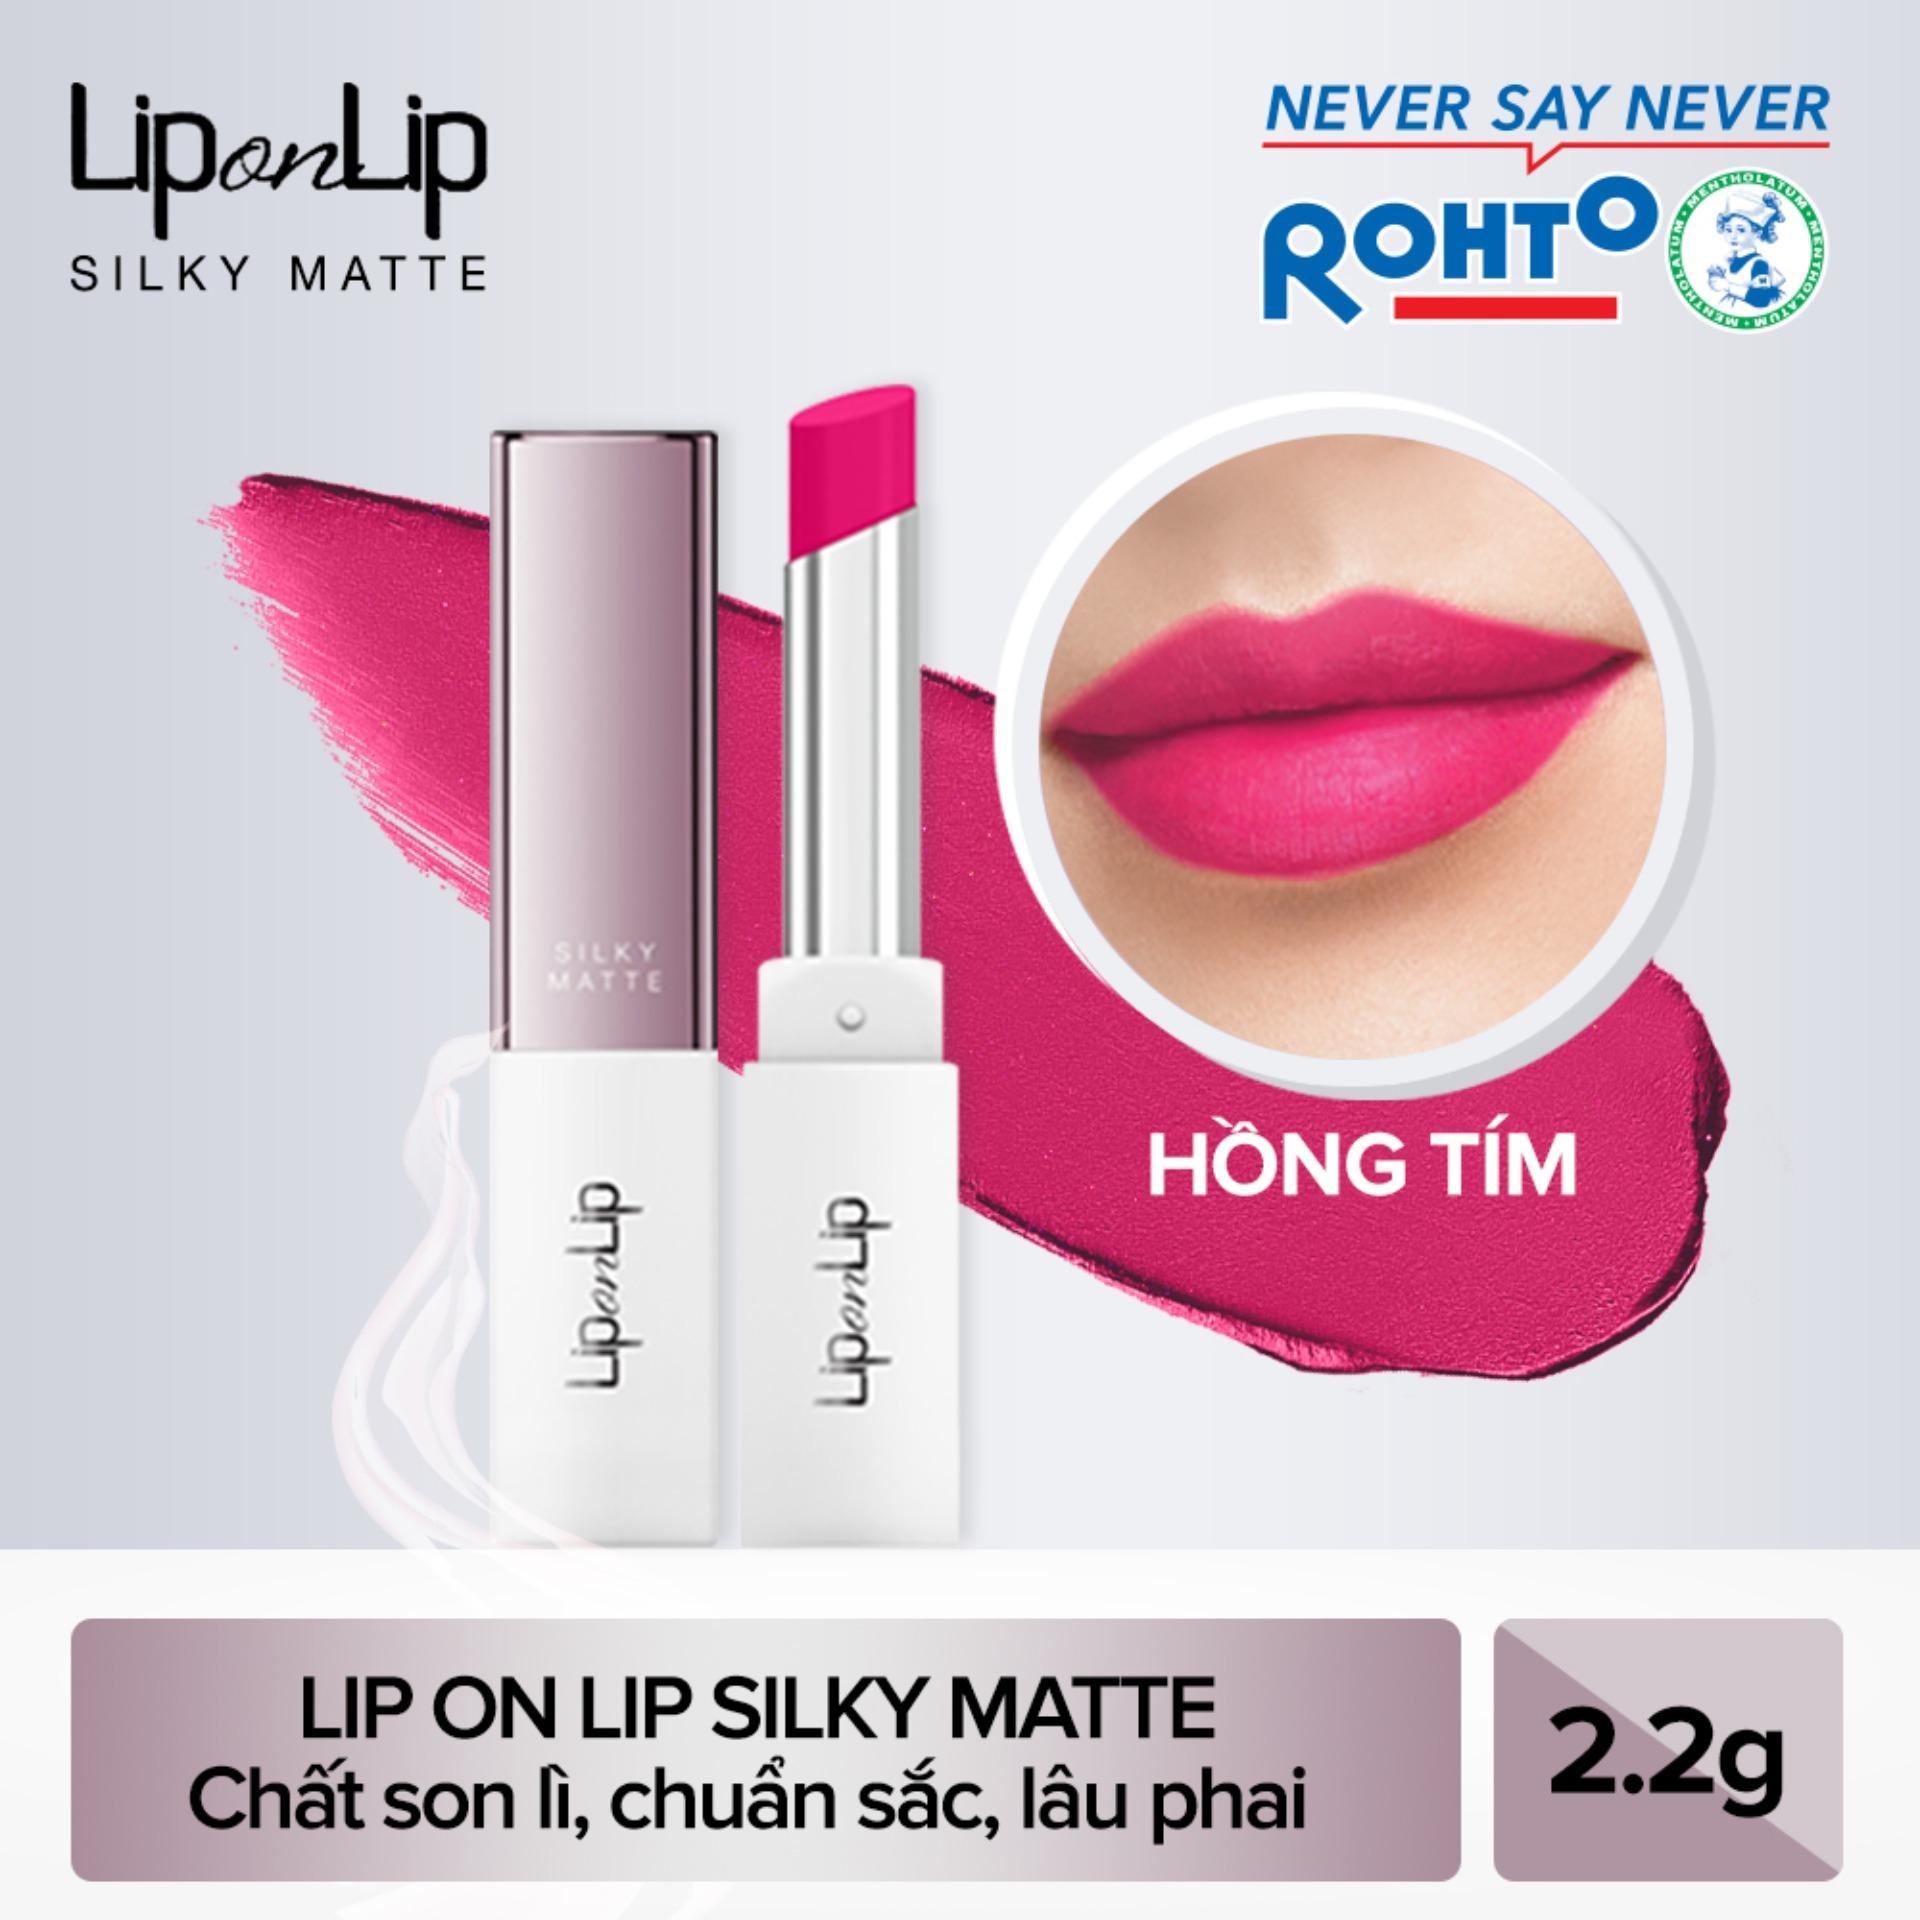 Son lì siêu mịn dưỡng tối ưu Lip On Lip Silky Matte 2,2g